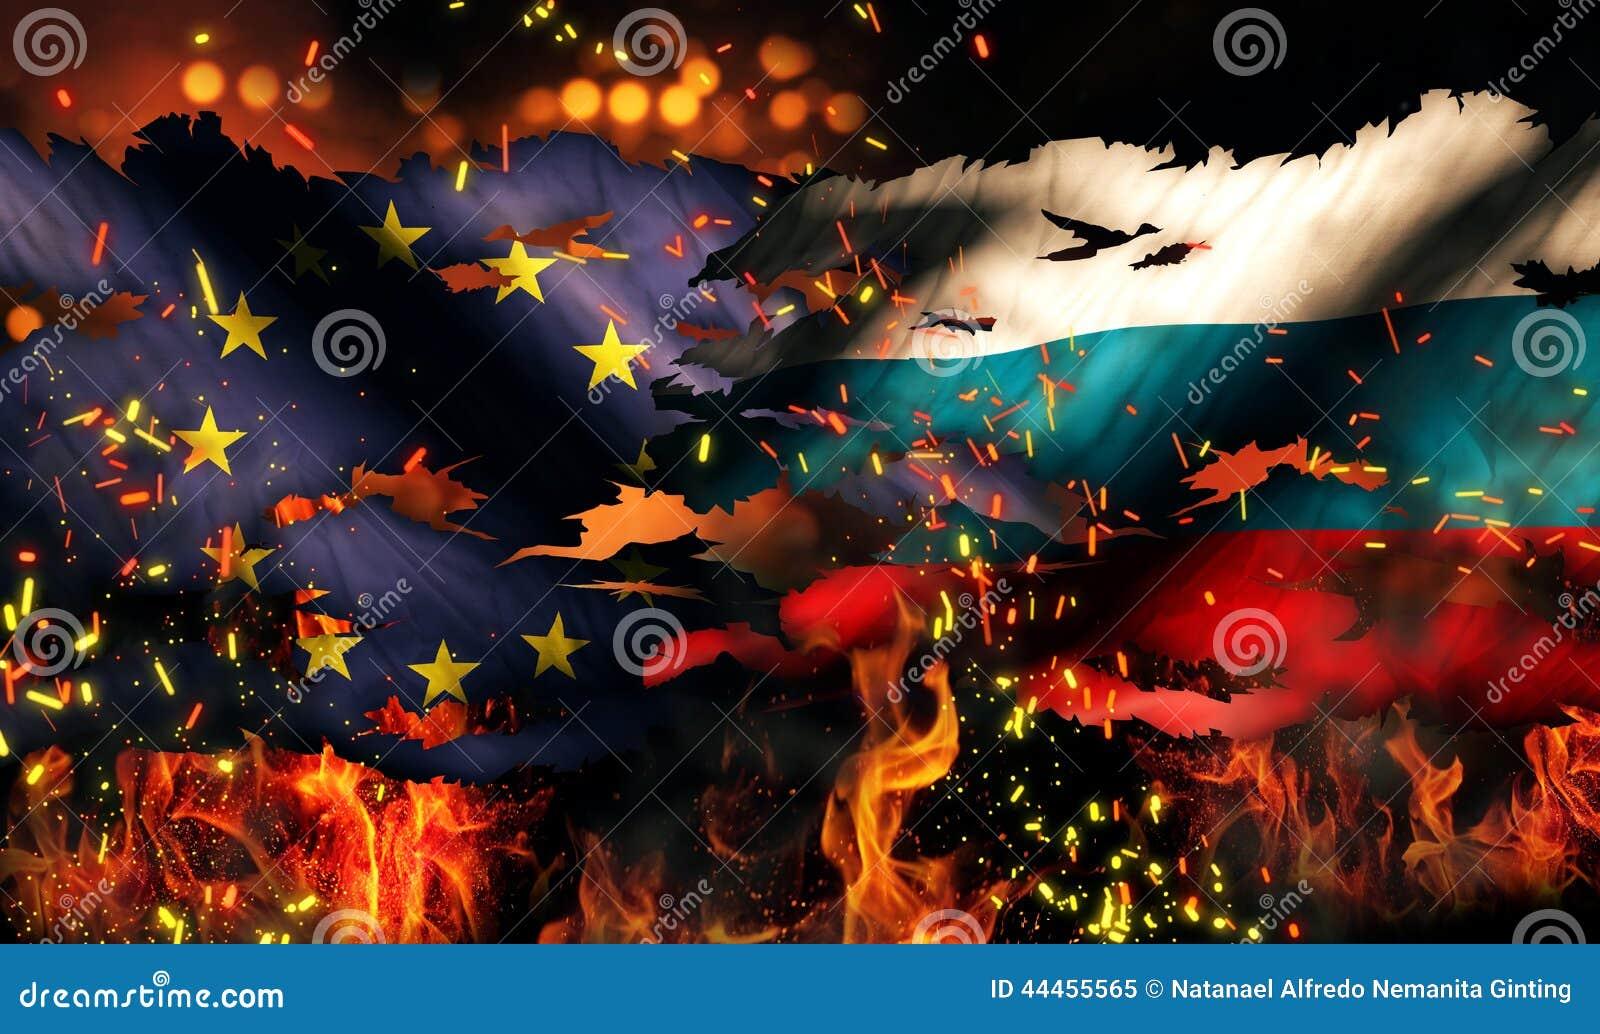 欧洲俄罗斯旗子兵连祸结的火国际冲突3D